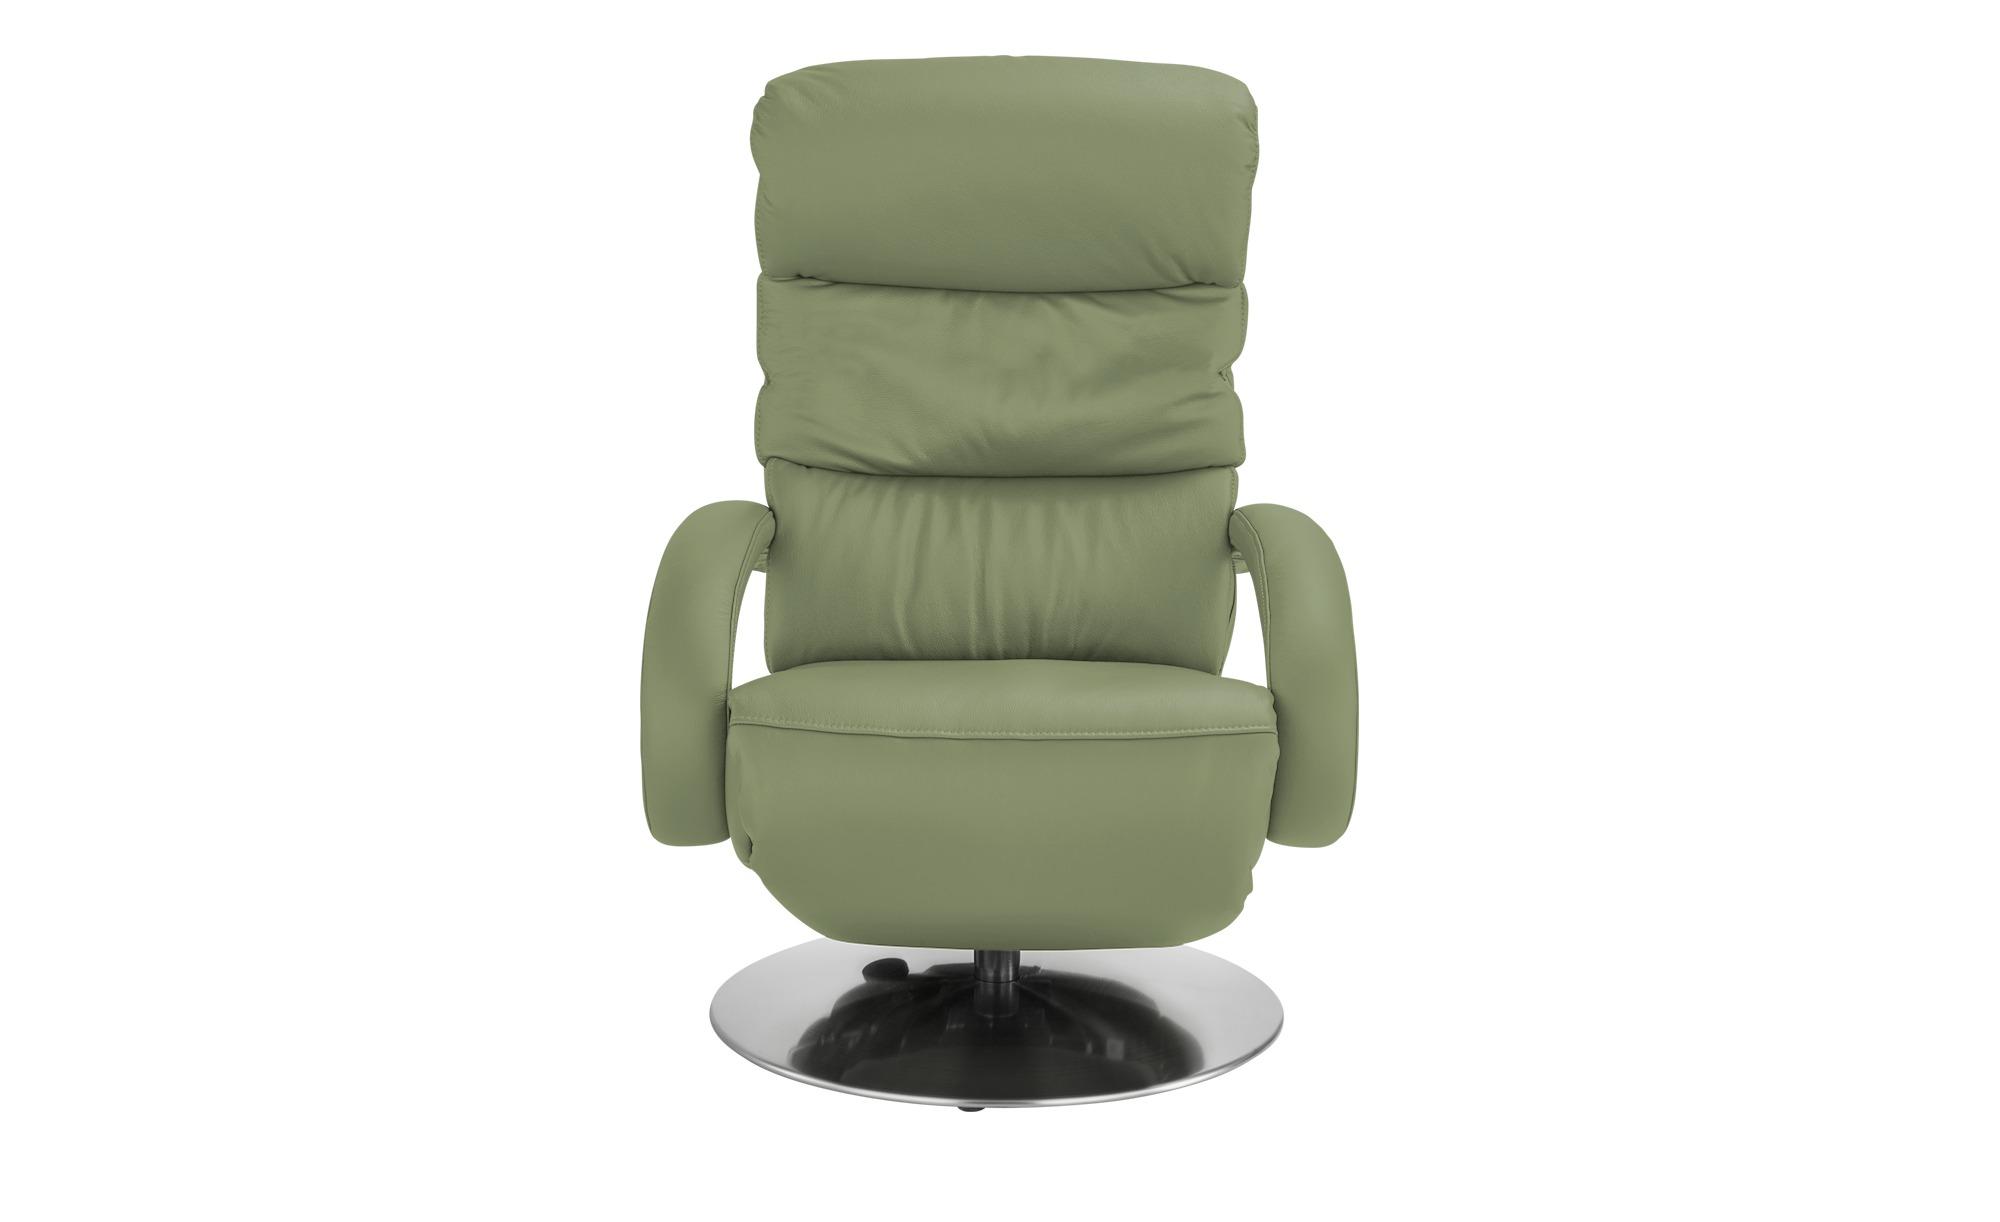 Hukla Leder-Relaxsessel  Florian ¦ grün ¦ Maße (cm): B: 73 H: 102 T: 91 Polstermöbel > Sessel > Fernsehsessel - Höffner